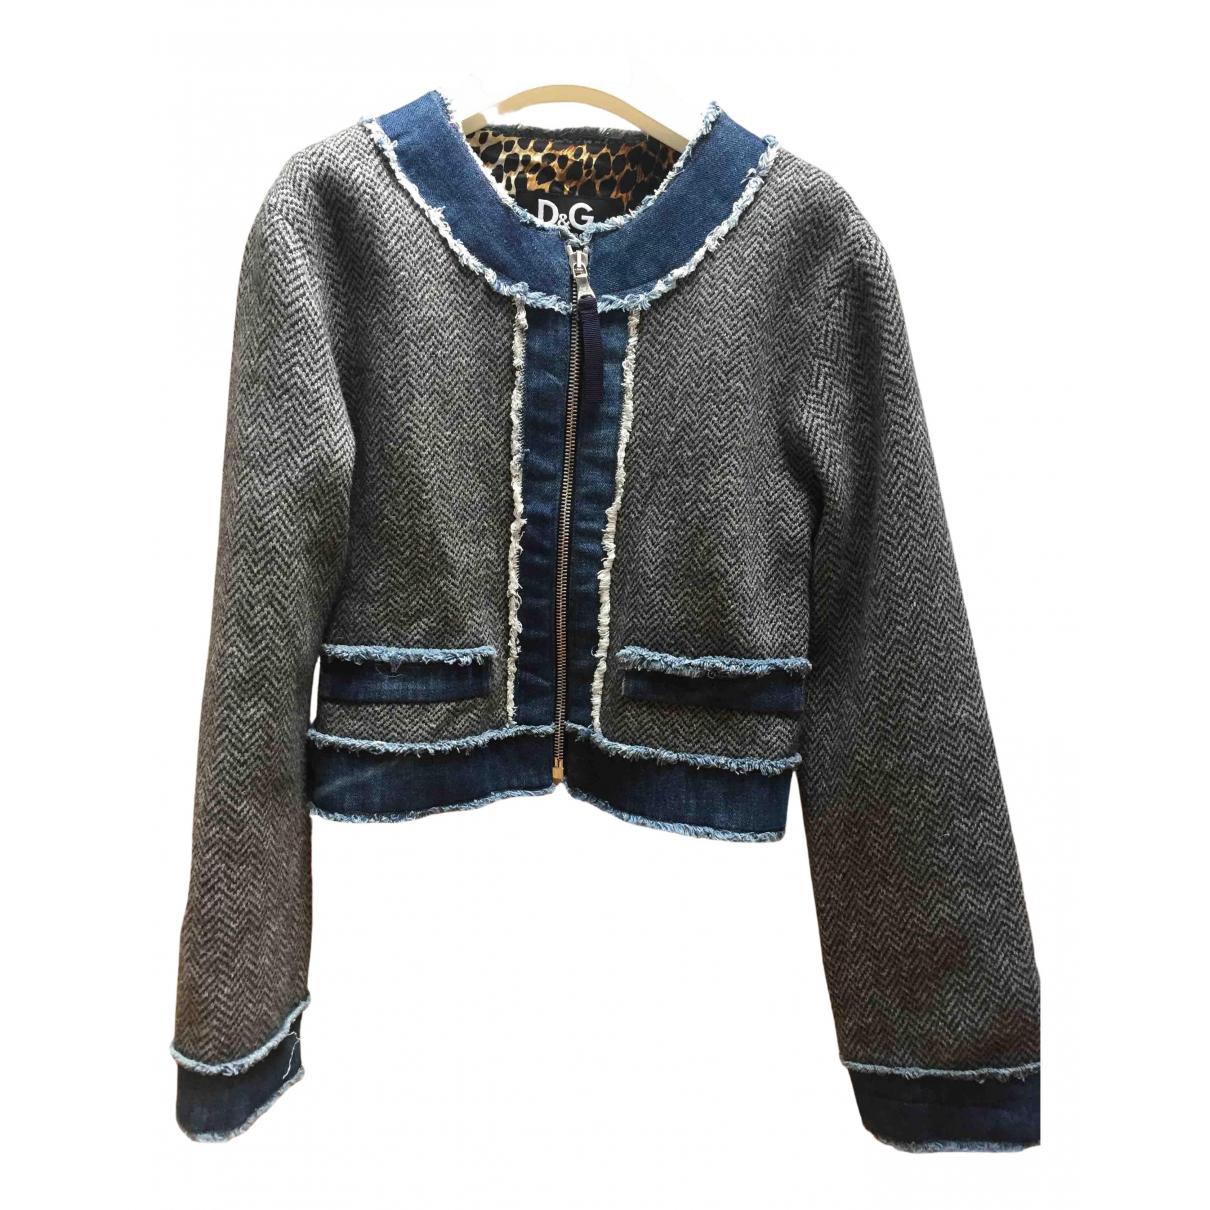 D&g - Blousons.Manteaux   pour enfant en laine - gris